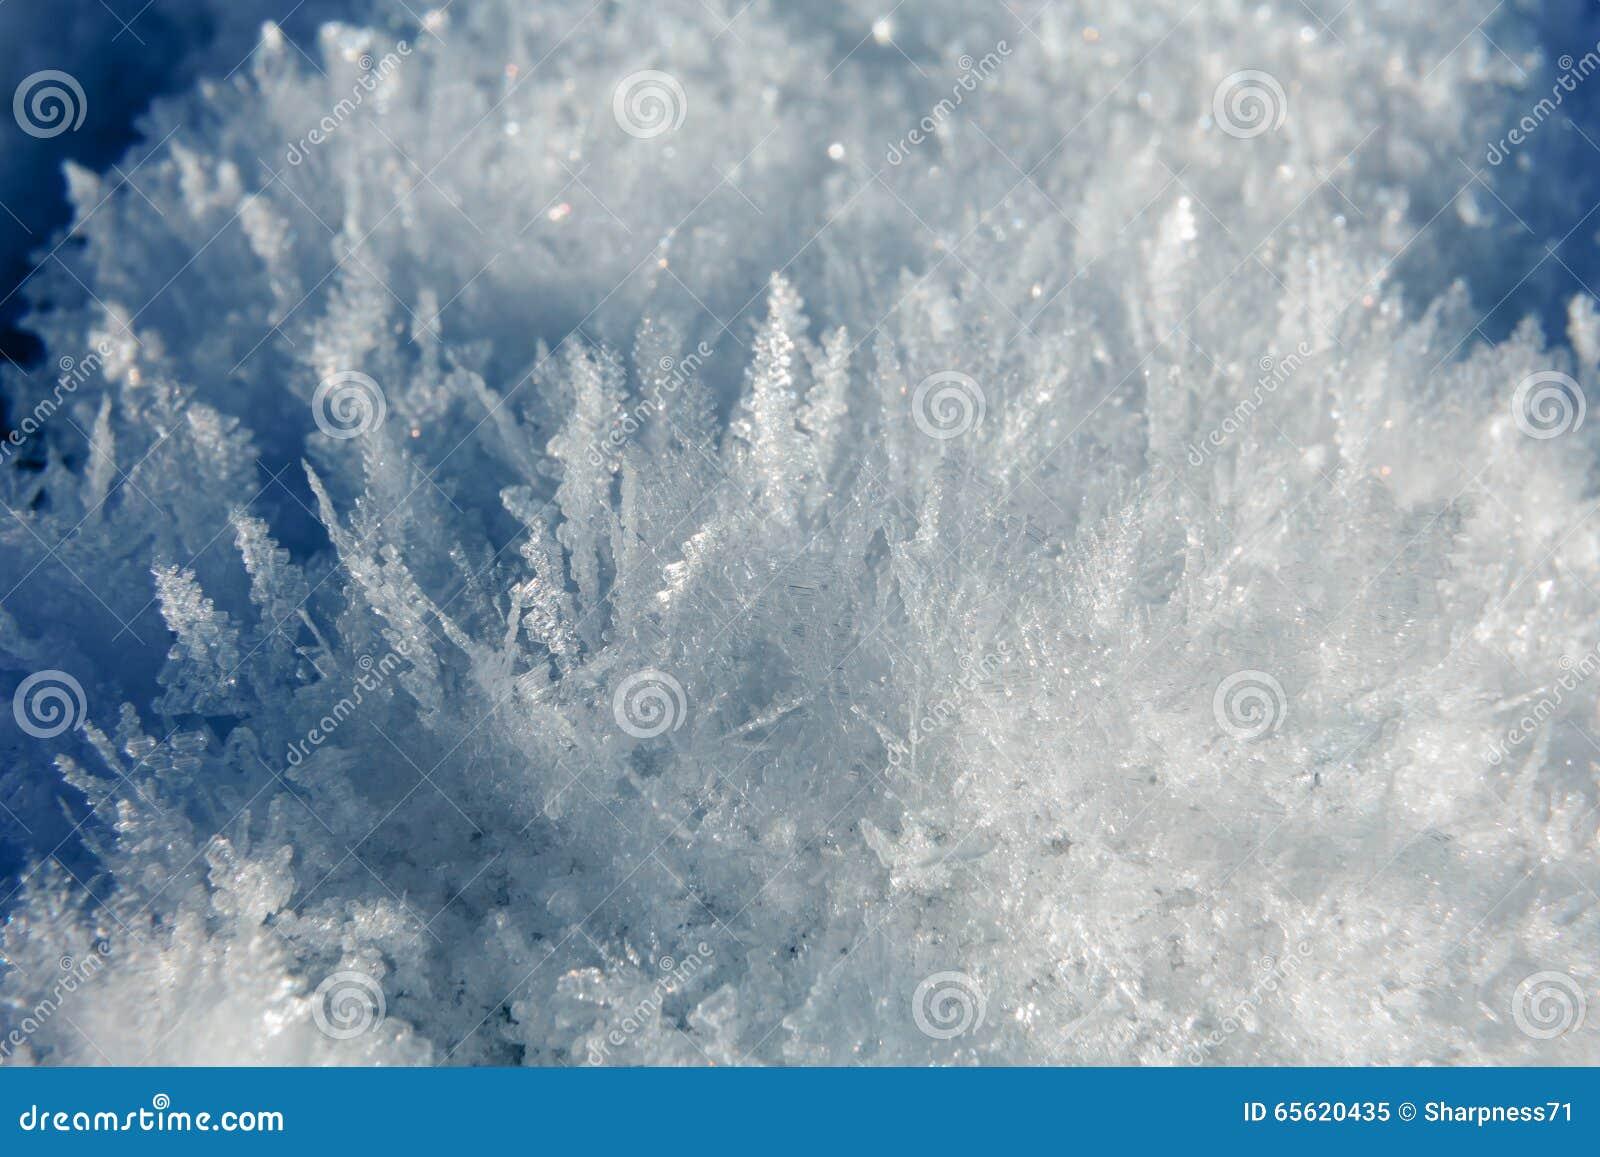 fleur de cristal de glace photo stock - image: 65620435